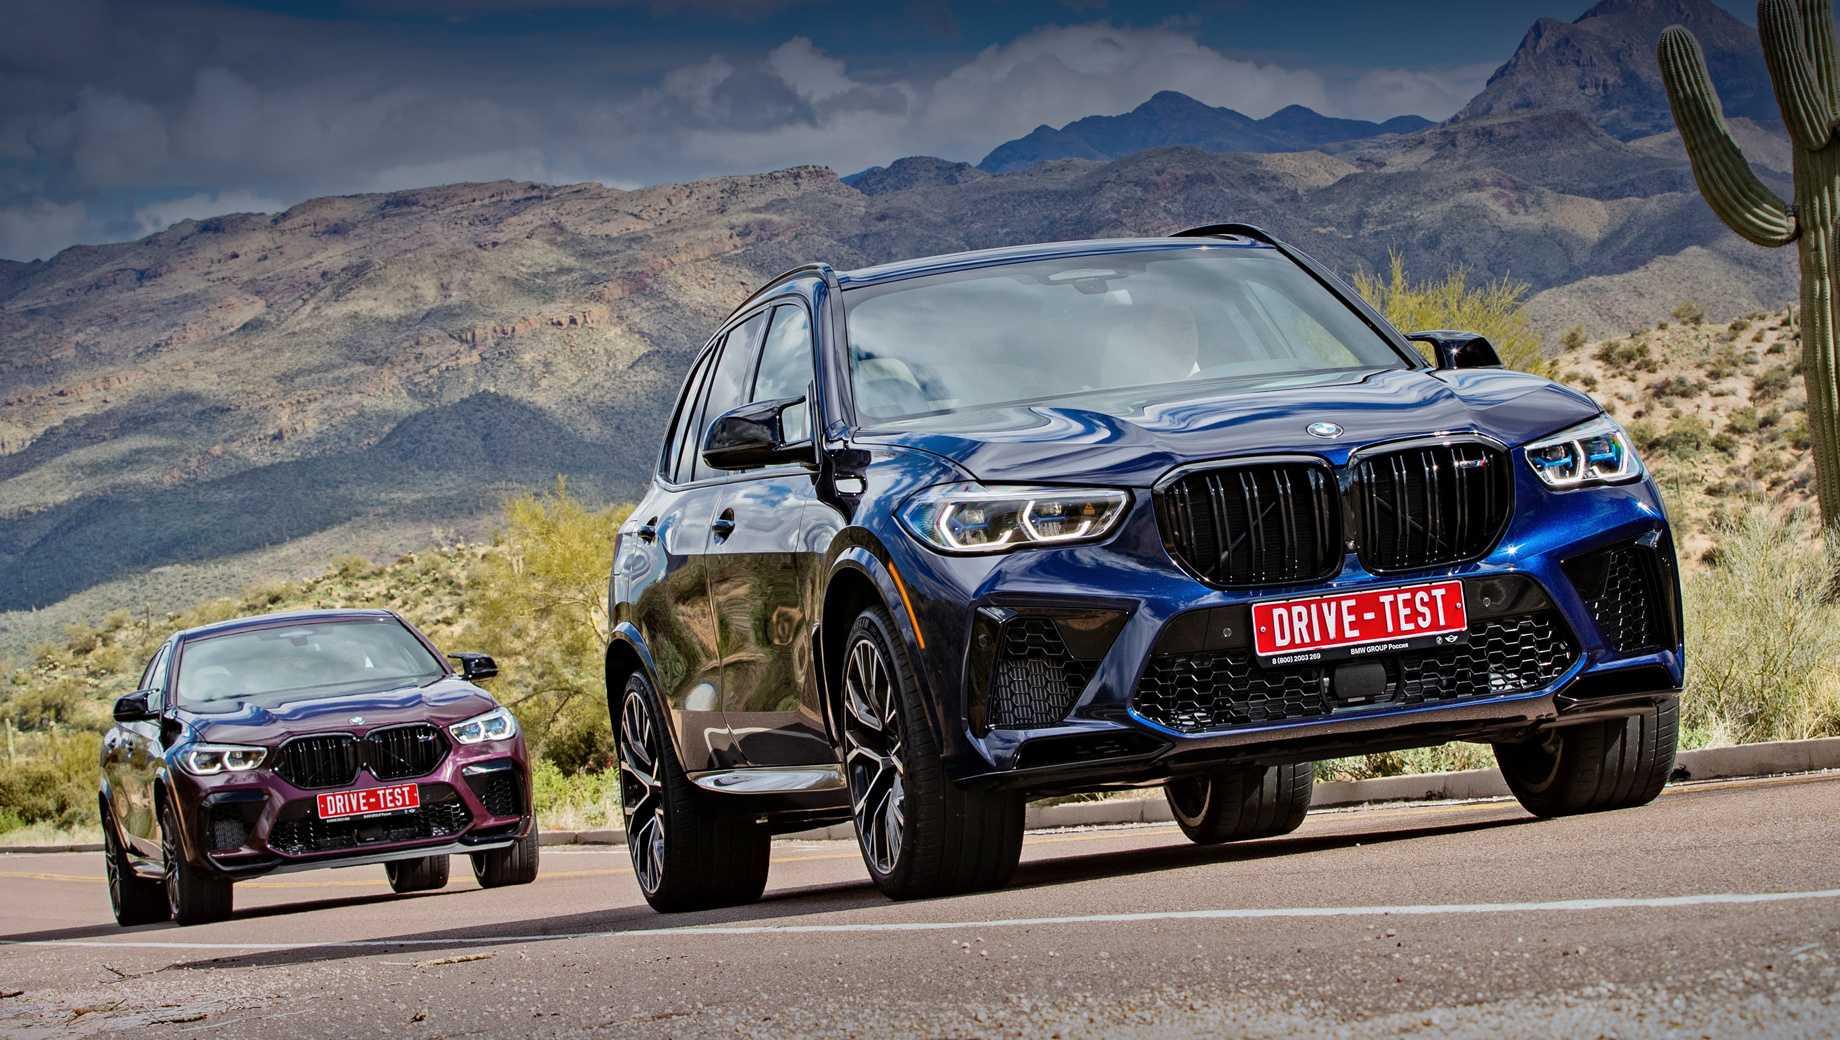 Новый BMW X5M F95 (2019-2020) цена, технические характеристики, фото, видео тест-драйв